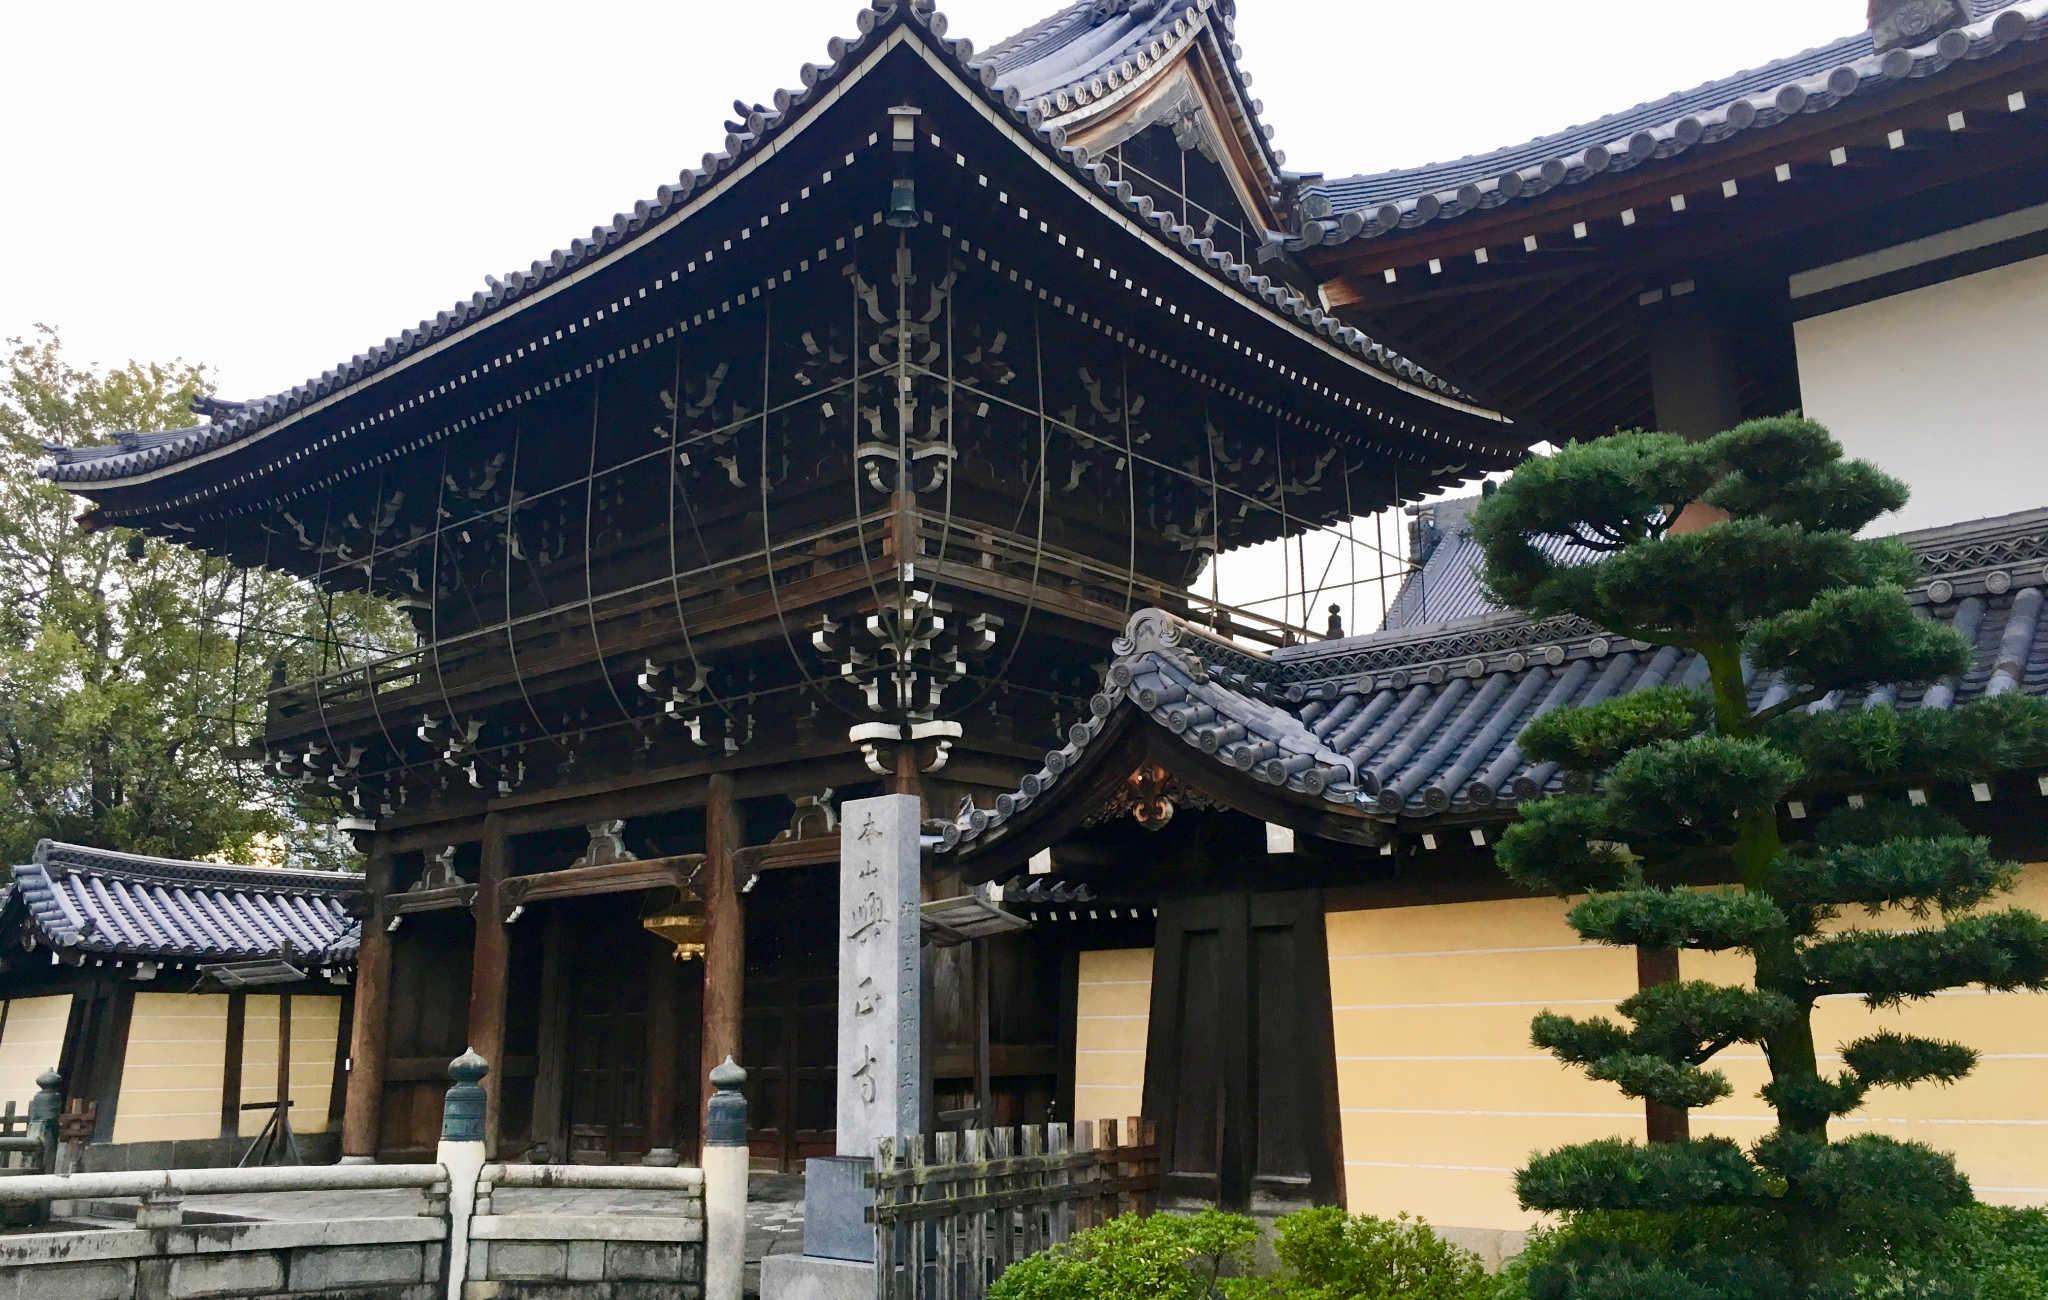 Une des énormes portes d'entrée dans l'enceinte du temple